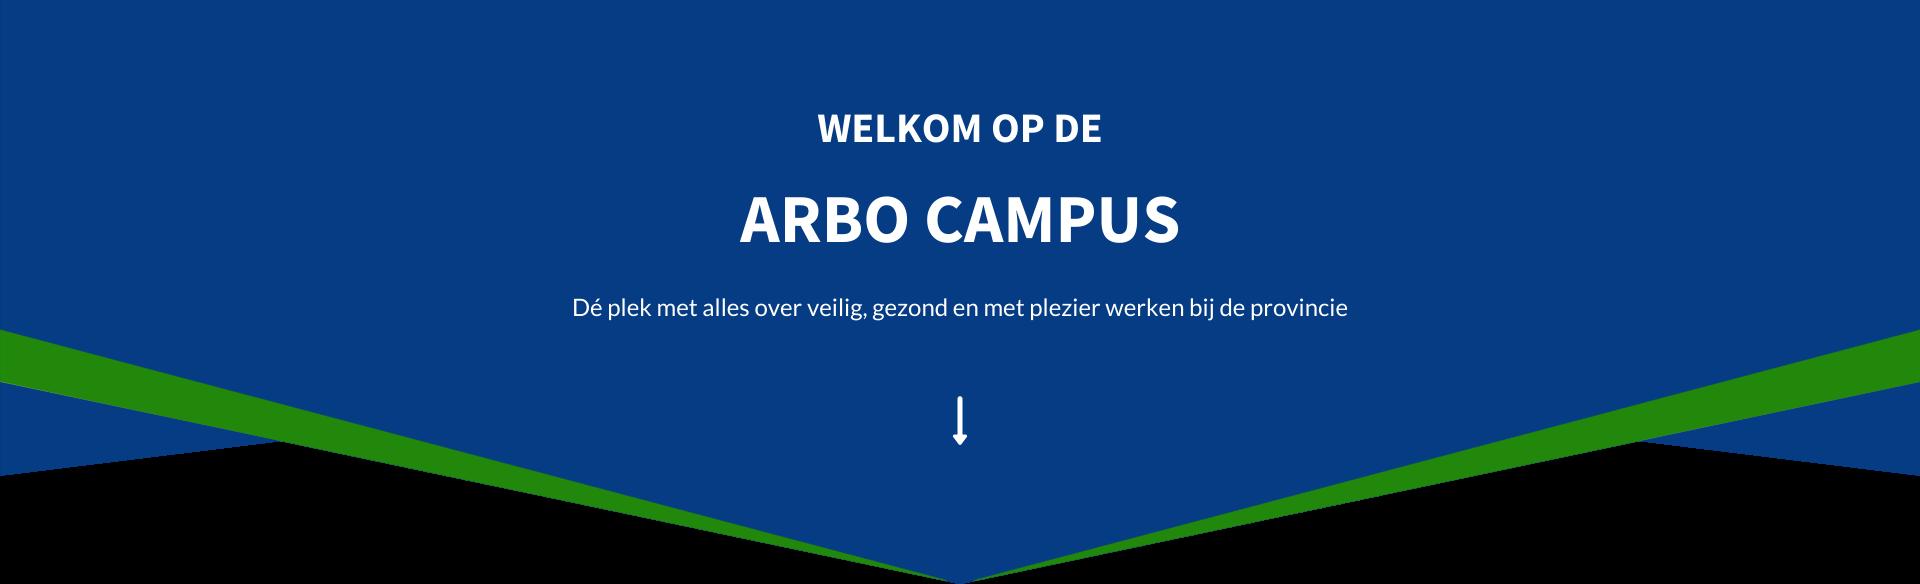 Welkom op de Arbo Campus